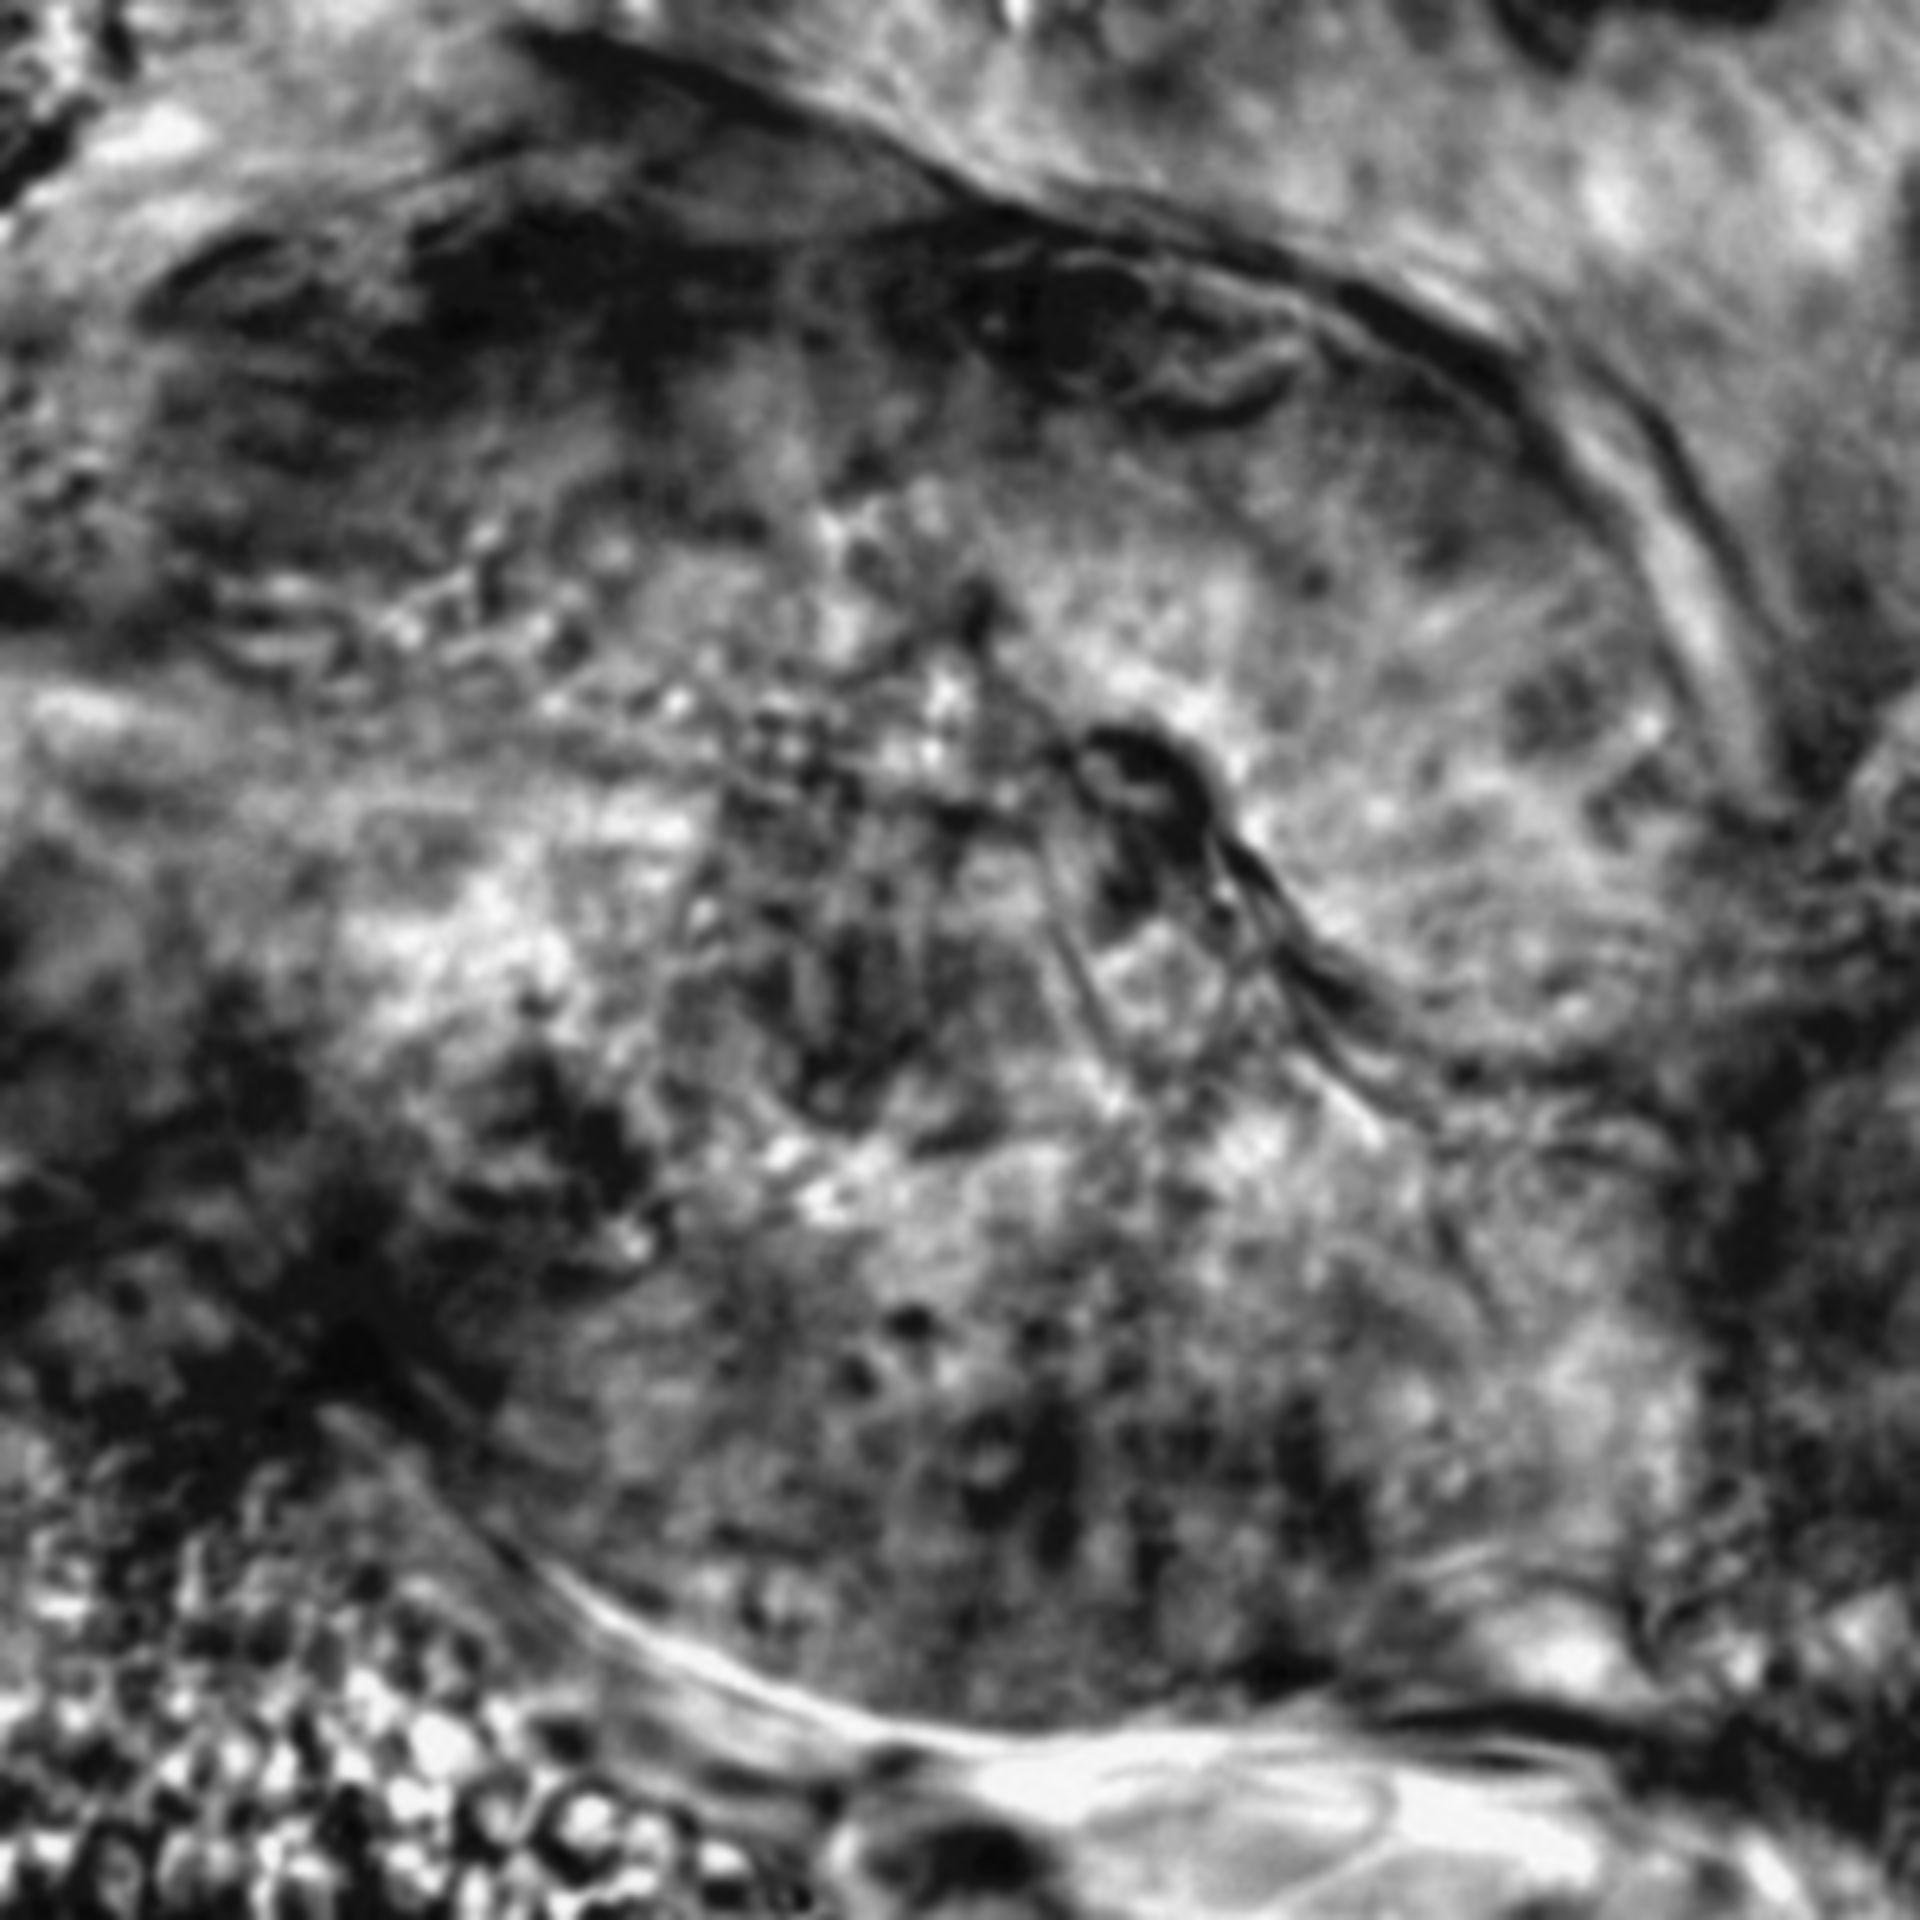 Caenorhabditis elegans - CIL:2697